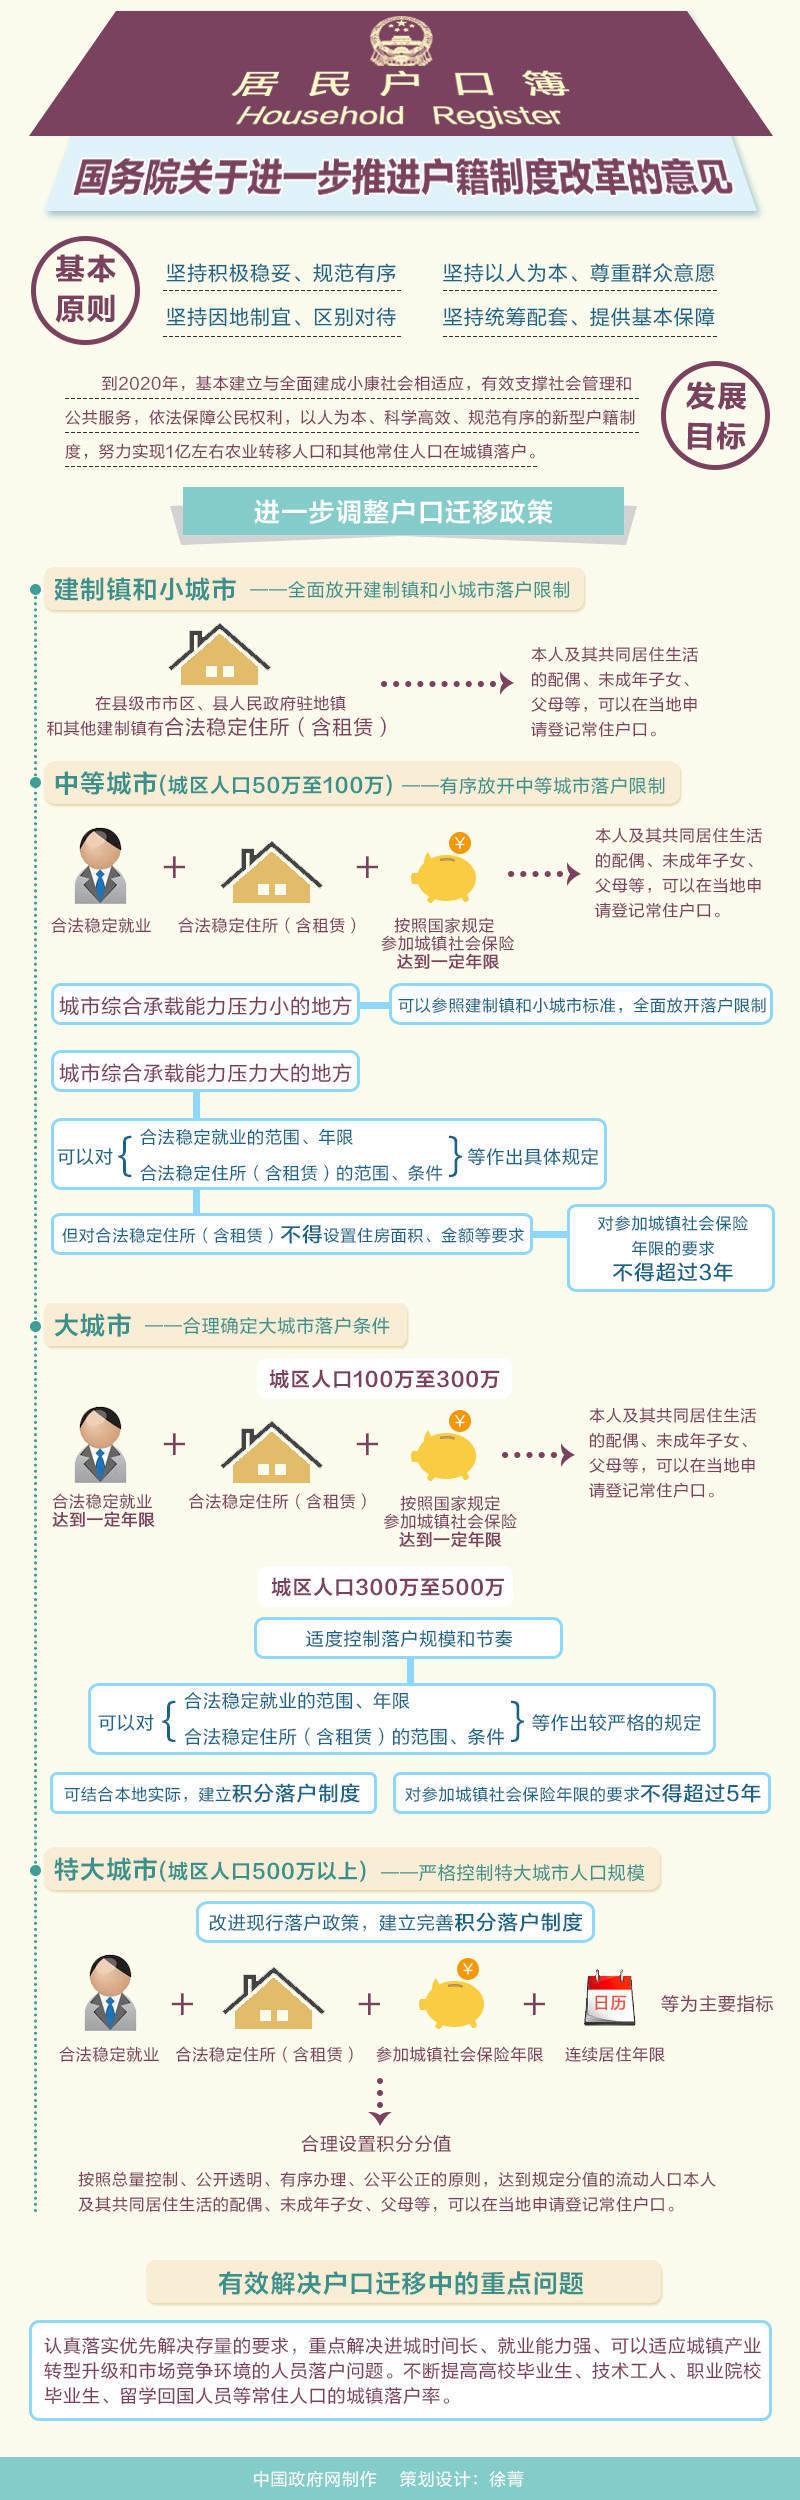 图解:户籍制度改革